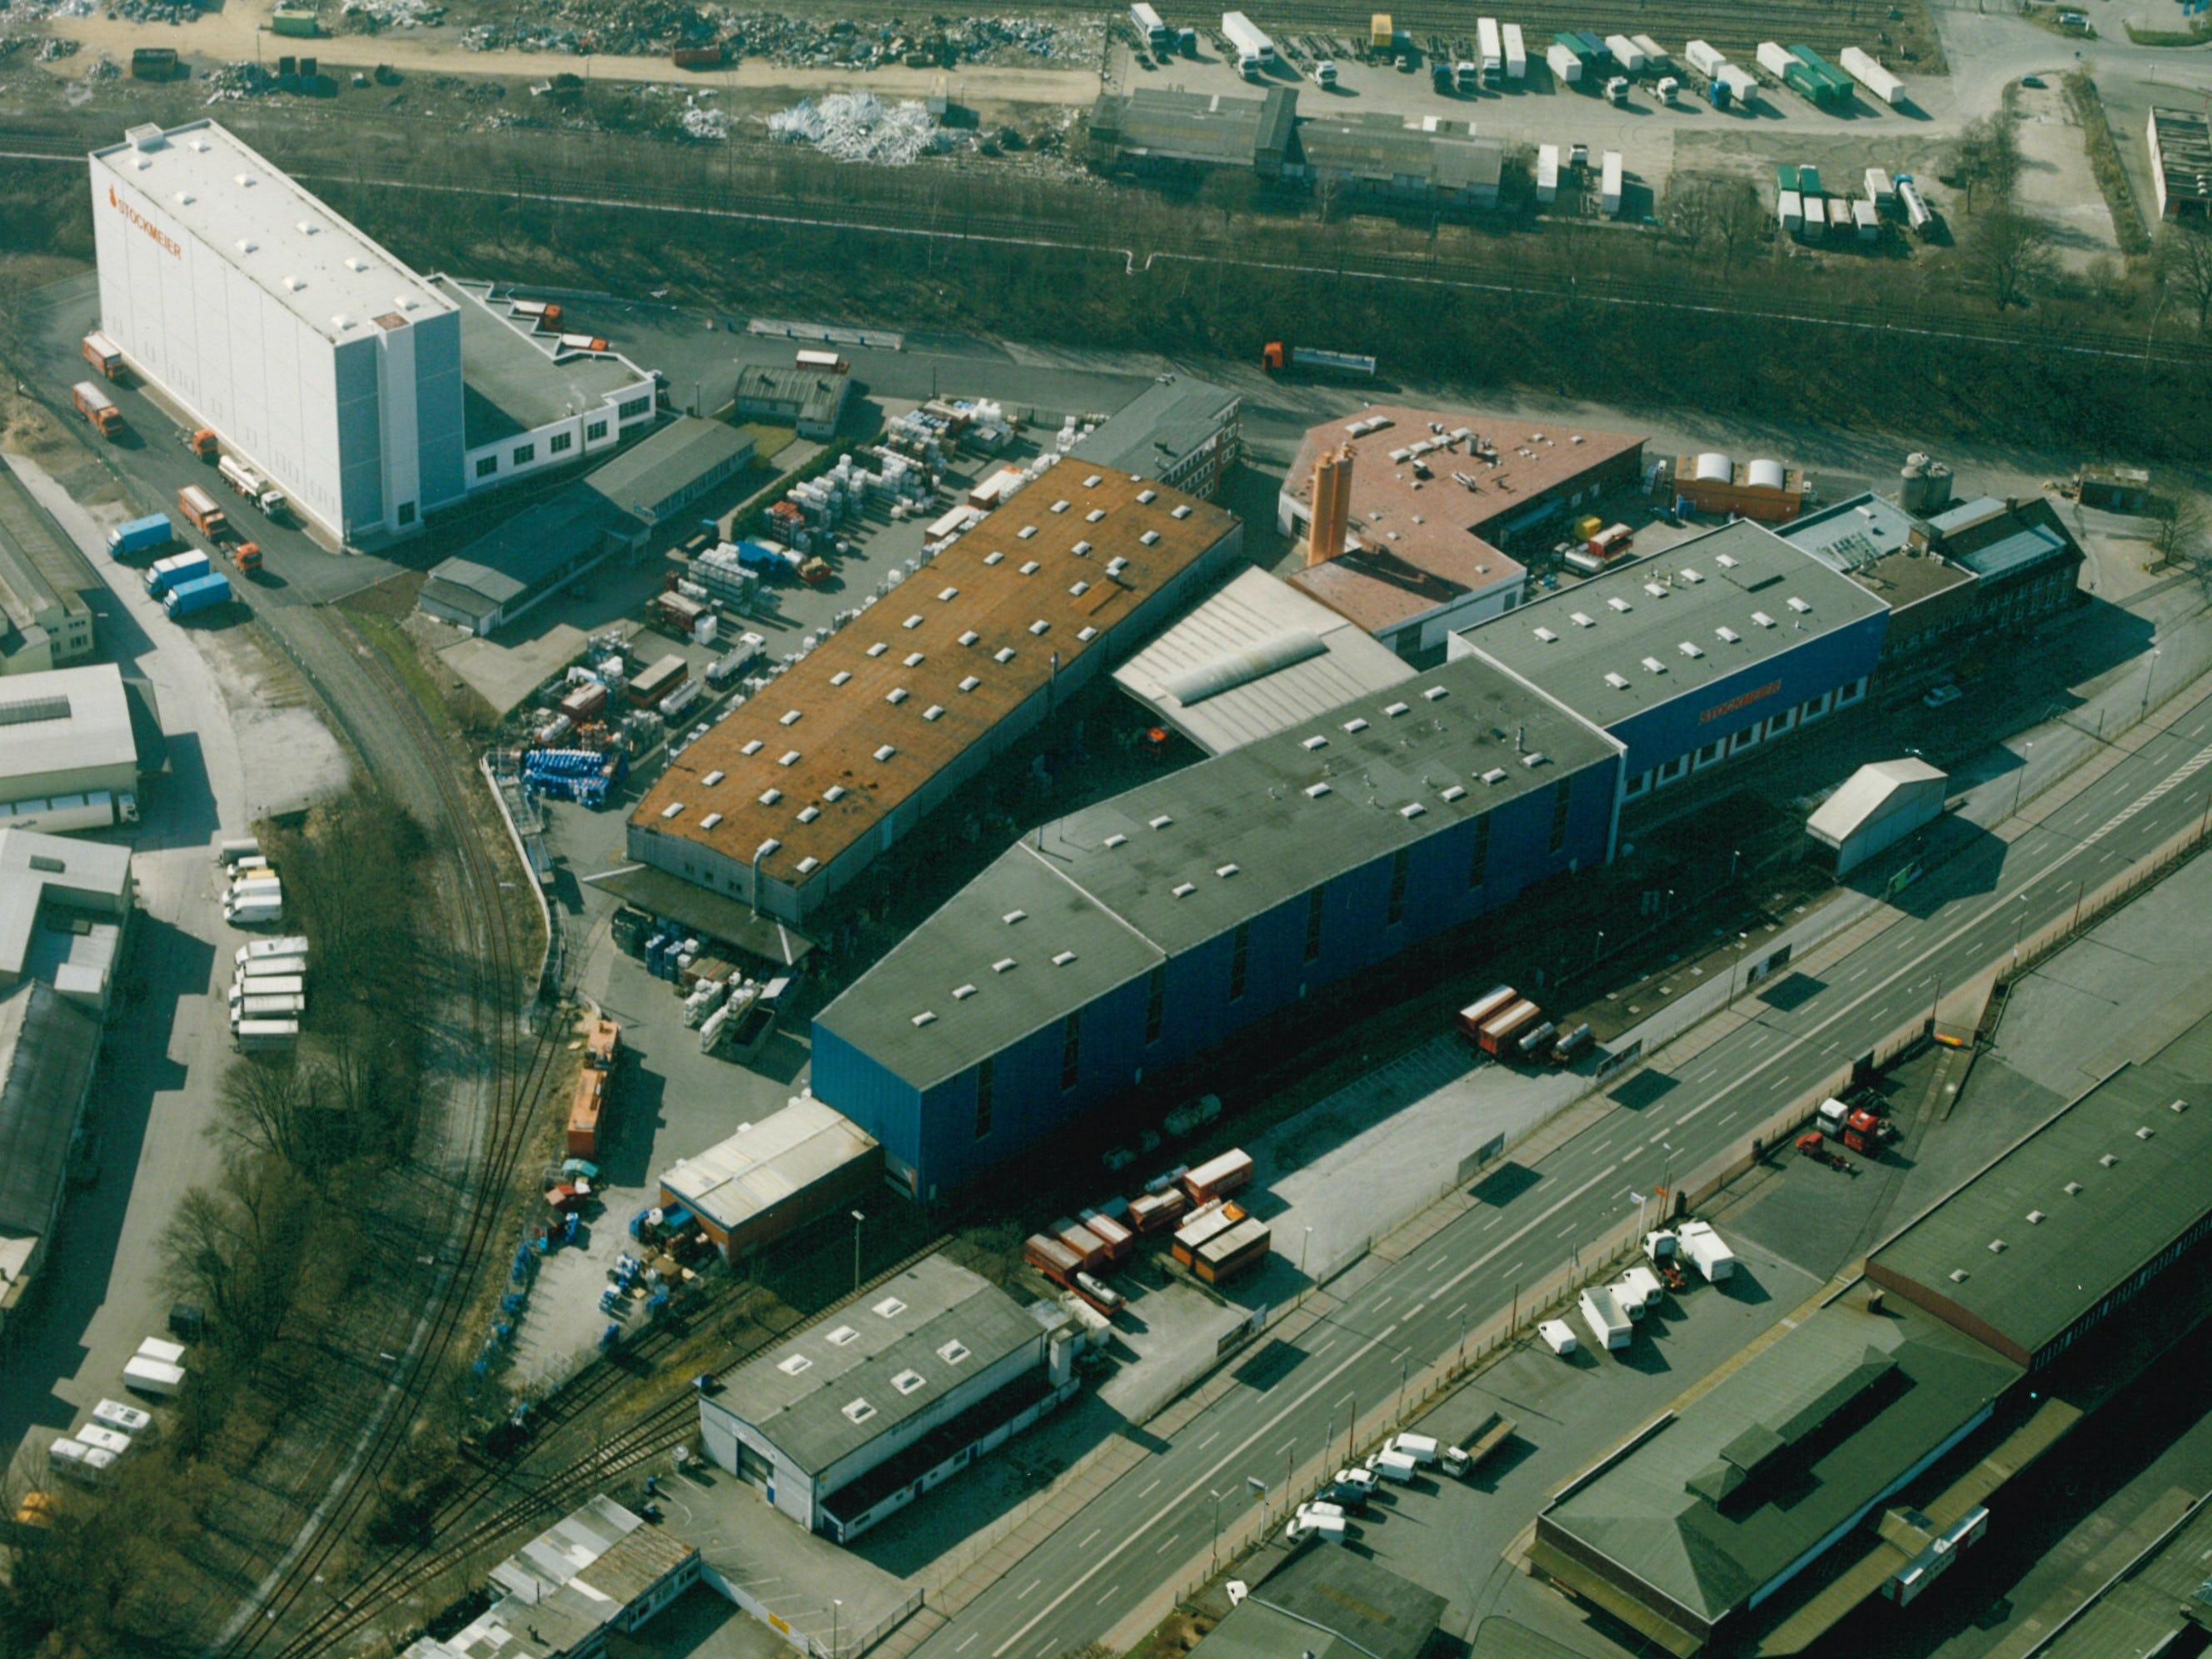 Hochregallager Bielefeld 2003